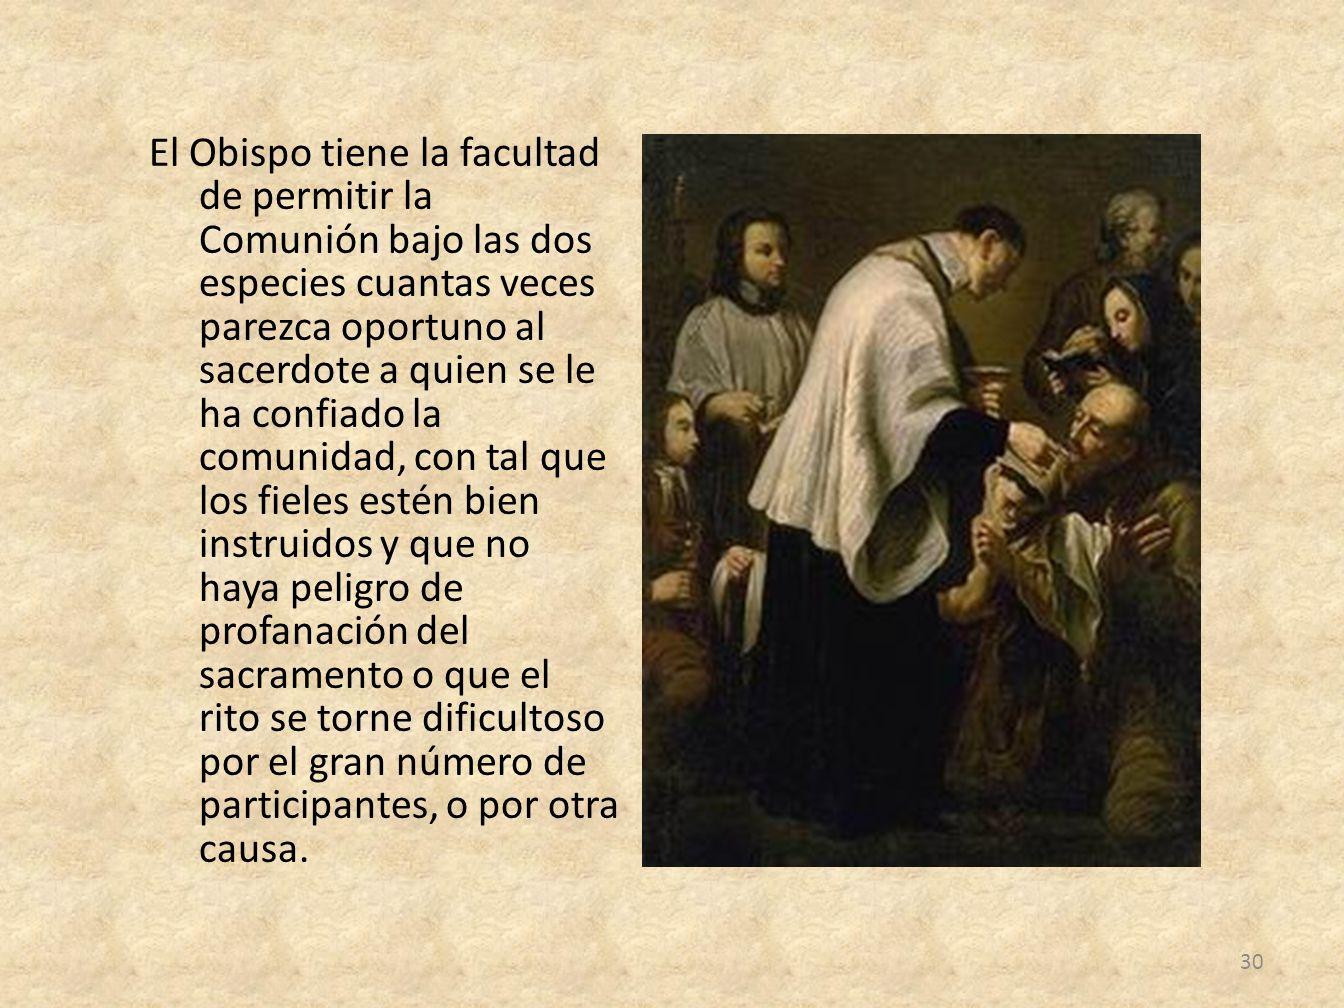 El Obispo tiene la facultad de permitir la Comunión bajo las dos especies cuantas veces parezca oportuno al sacerdote a quien se le ha confiado la com